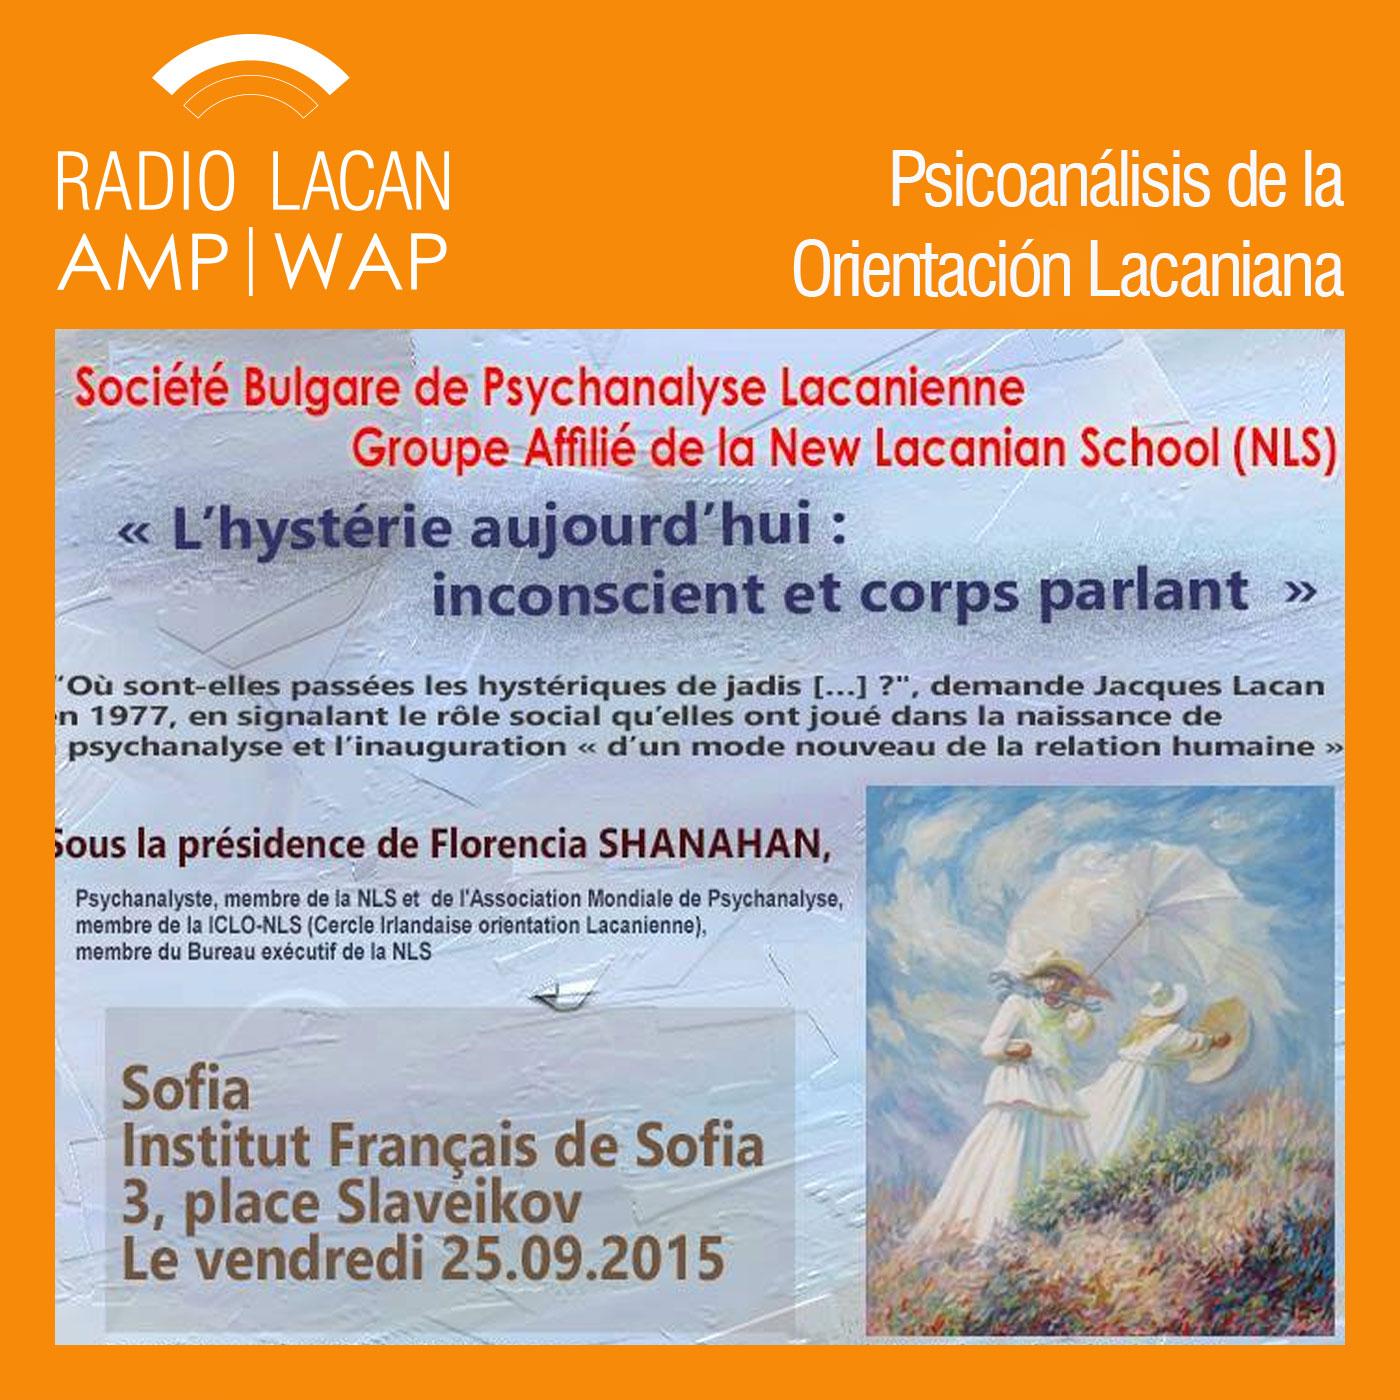 RadioLacan.com | <![CDATA[Reseña del Xlº Seminario de la NLS de Bulgaria]]>